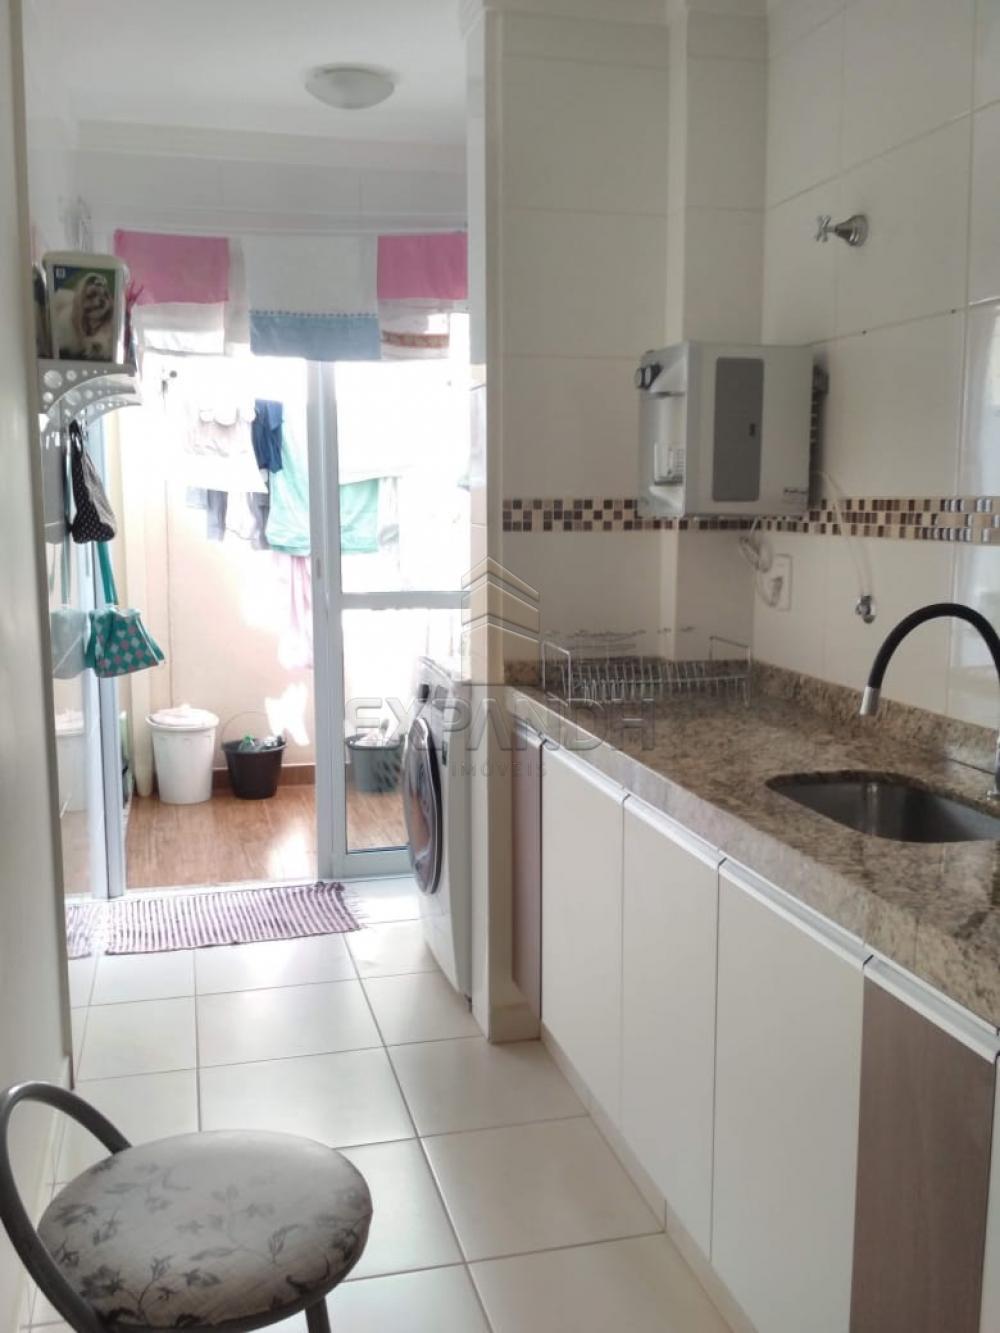 Comprar Apartamentos / Padrão em Sertãozinho apenas R$ 250.000,00 - Foto 23